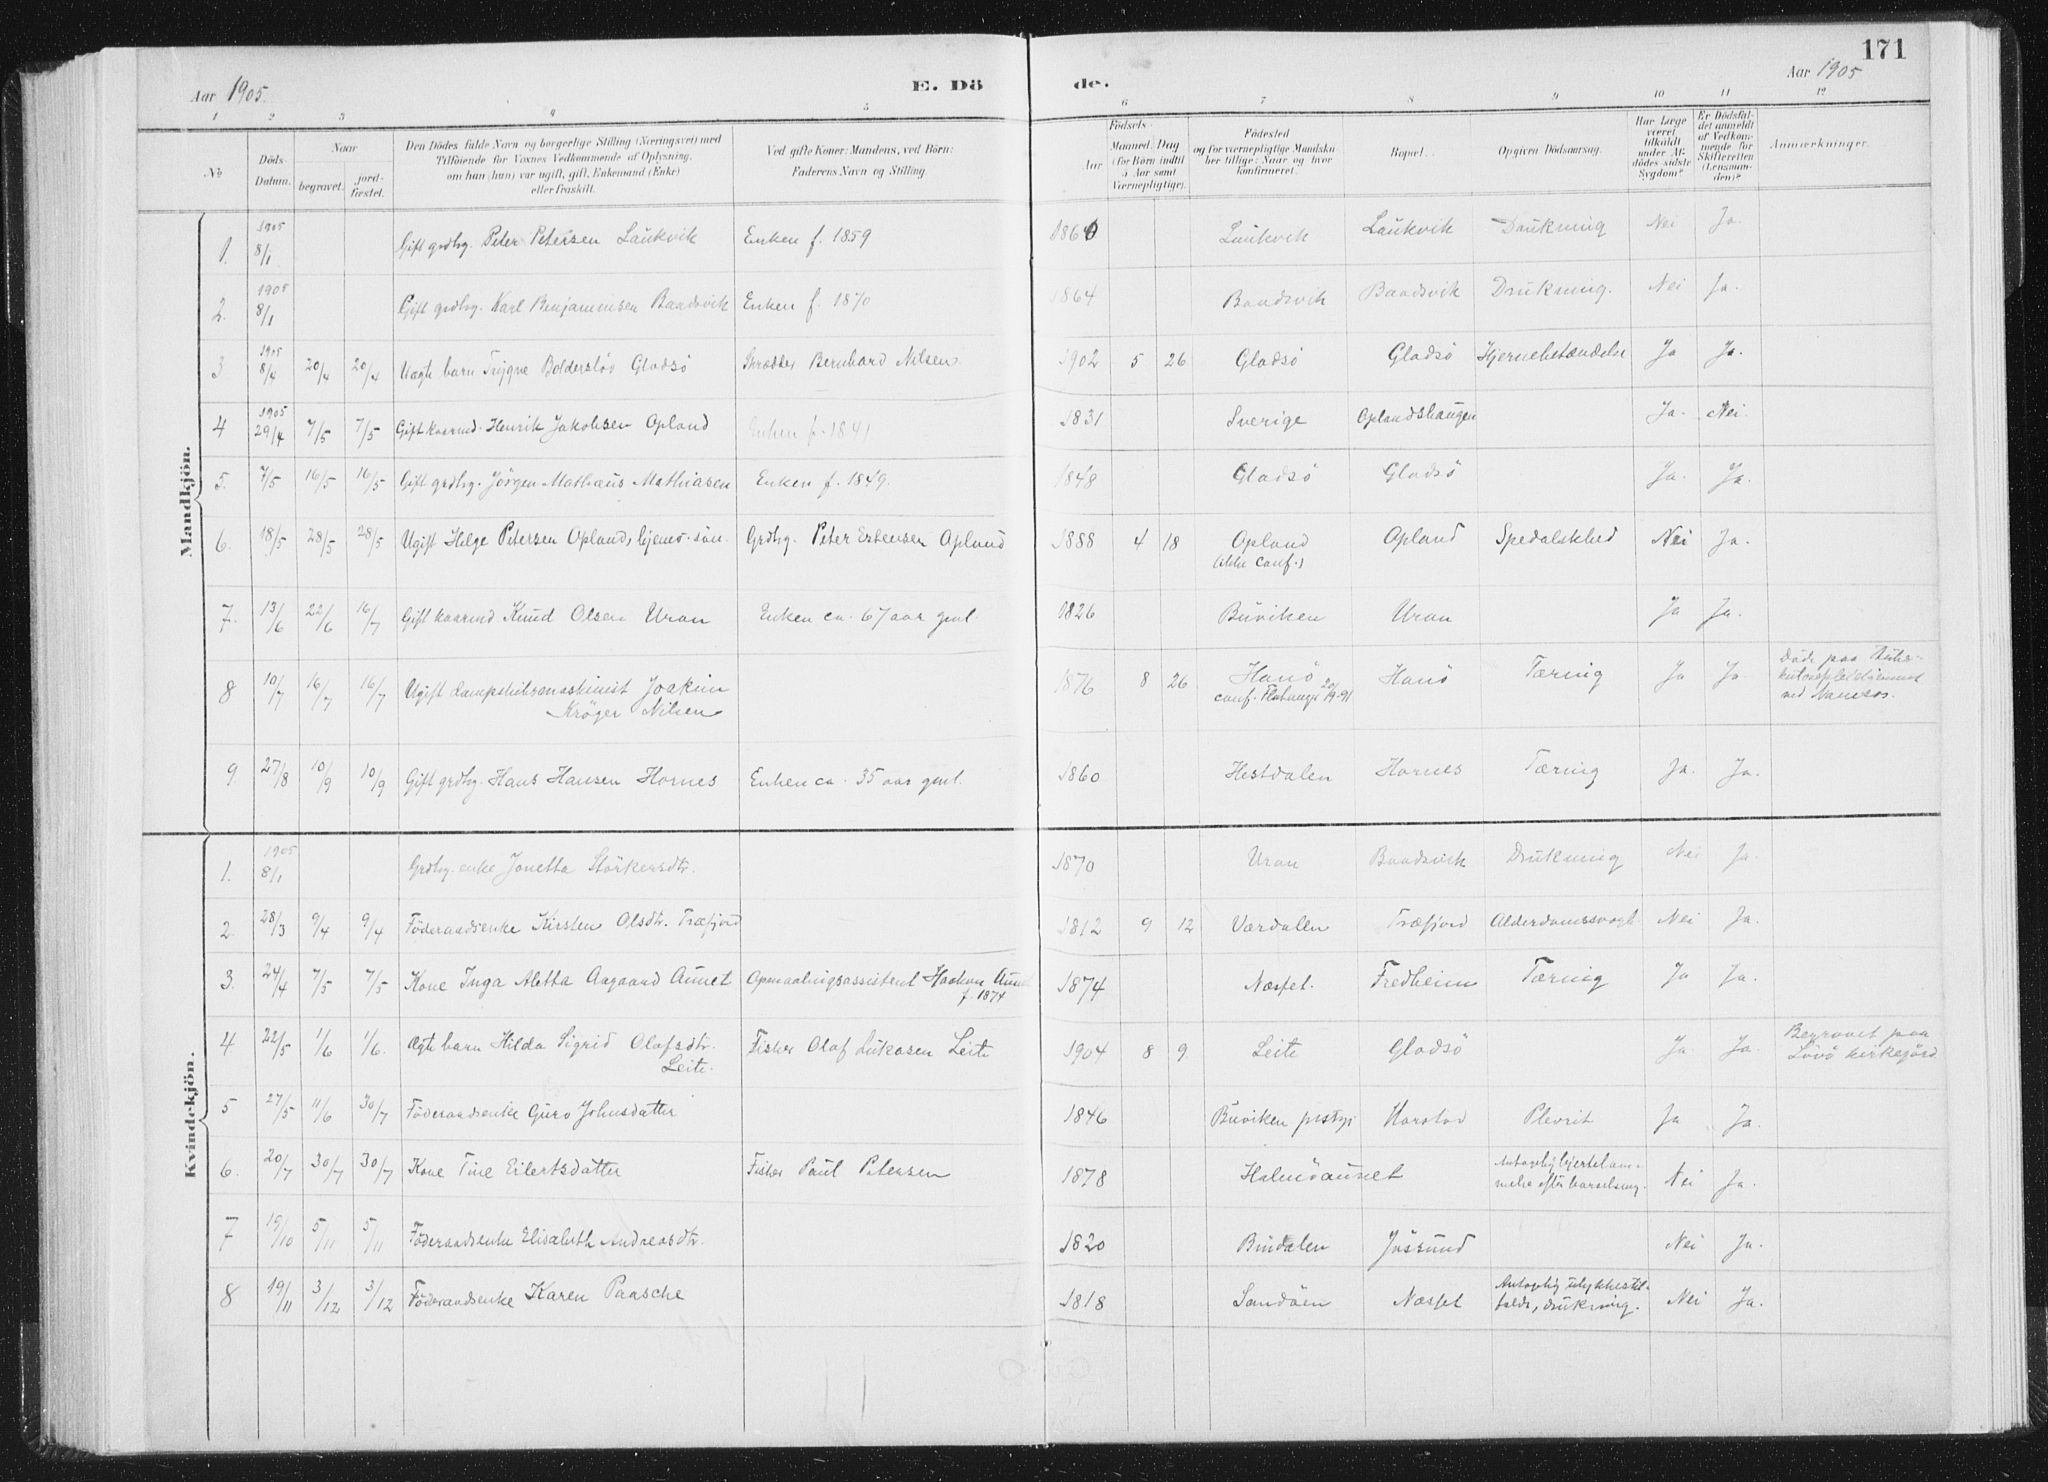 SAT, Ministerialprotokoller, klokkerbøker og fødselsregistre - Nord-Trøndelag, 771/L0597: Ministerialbok nr. 771A04, 1885-1910, s. 171